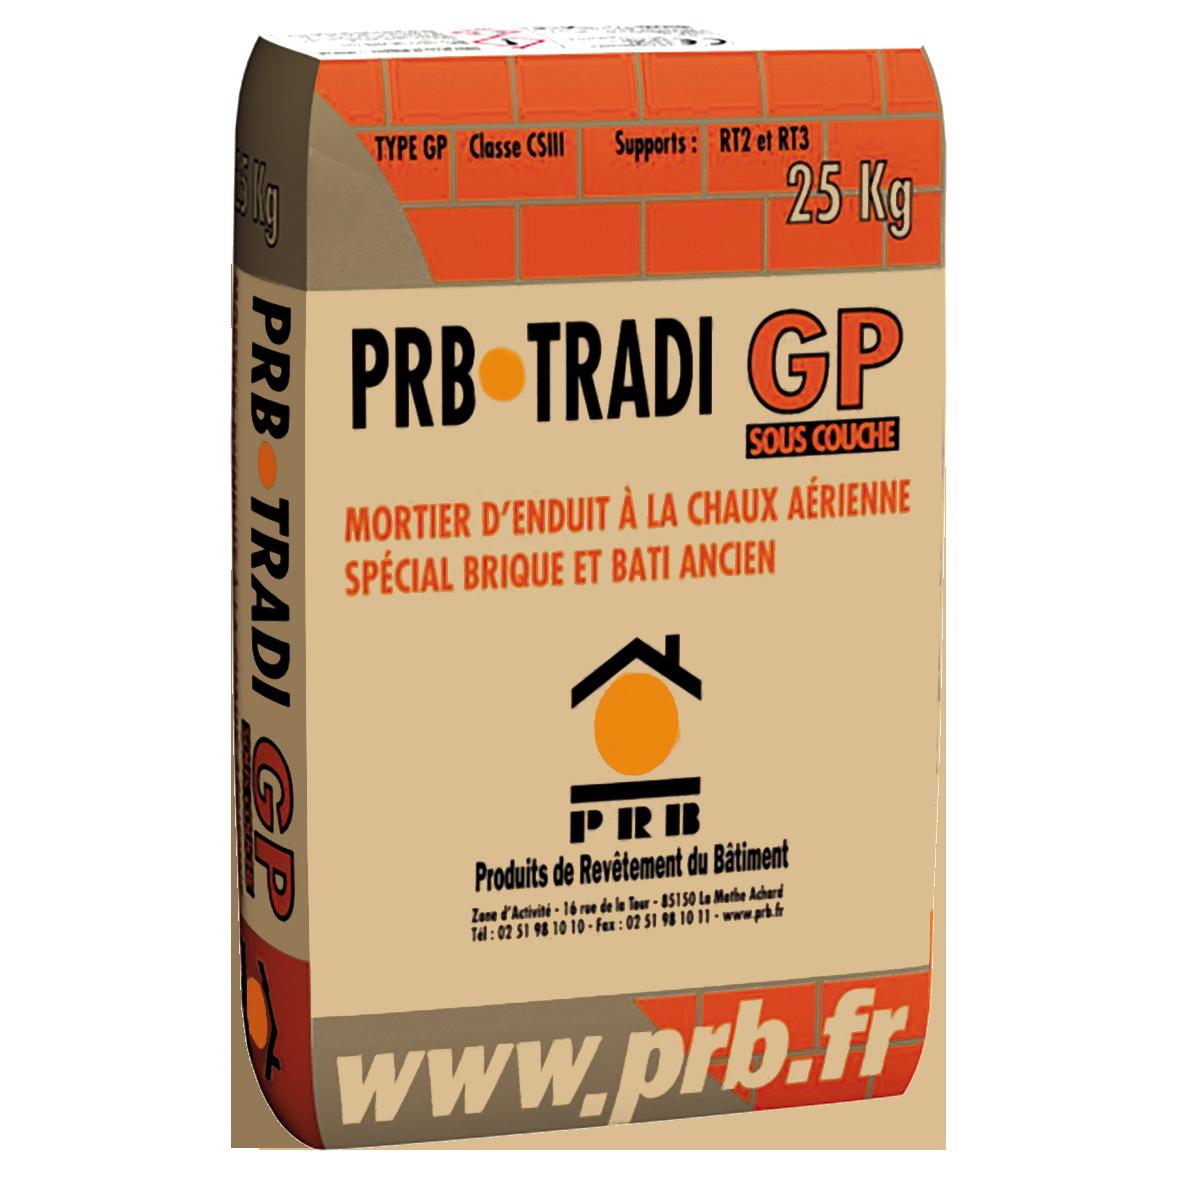 PRB TRADI GP 25 KG